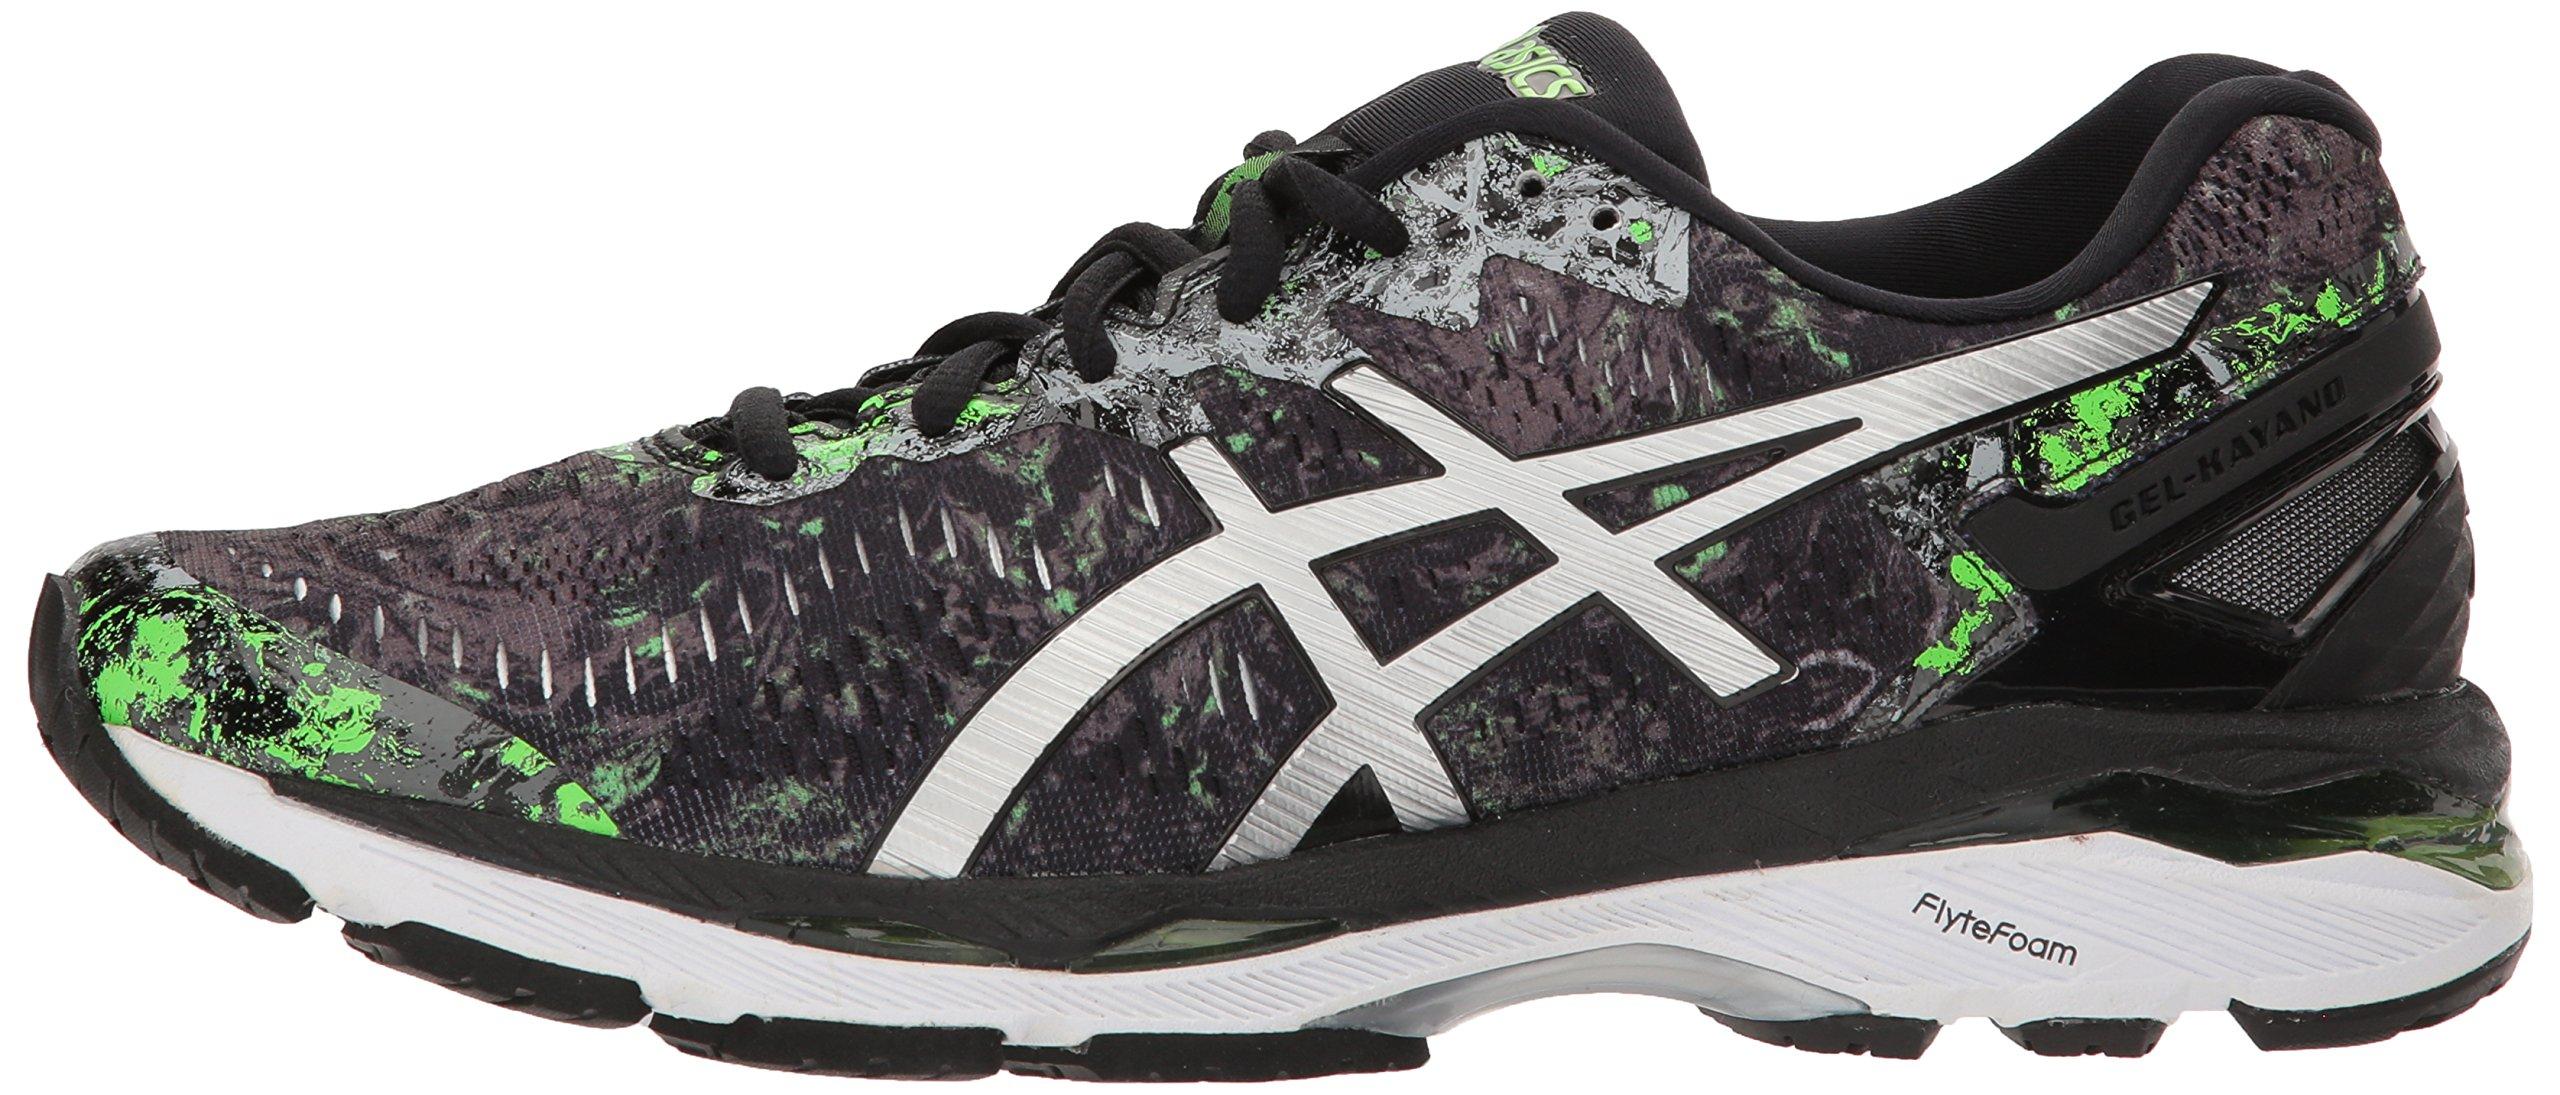 81dvez40UcL - ASICS Men's Gel-Kayano 23 Running Shoe